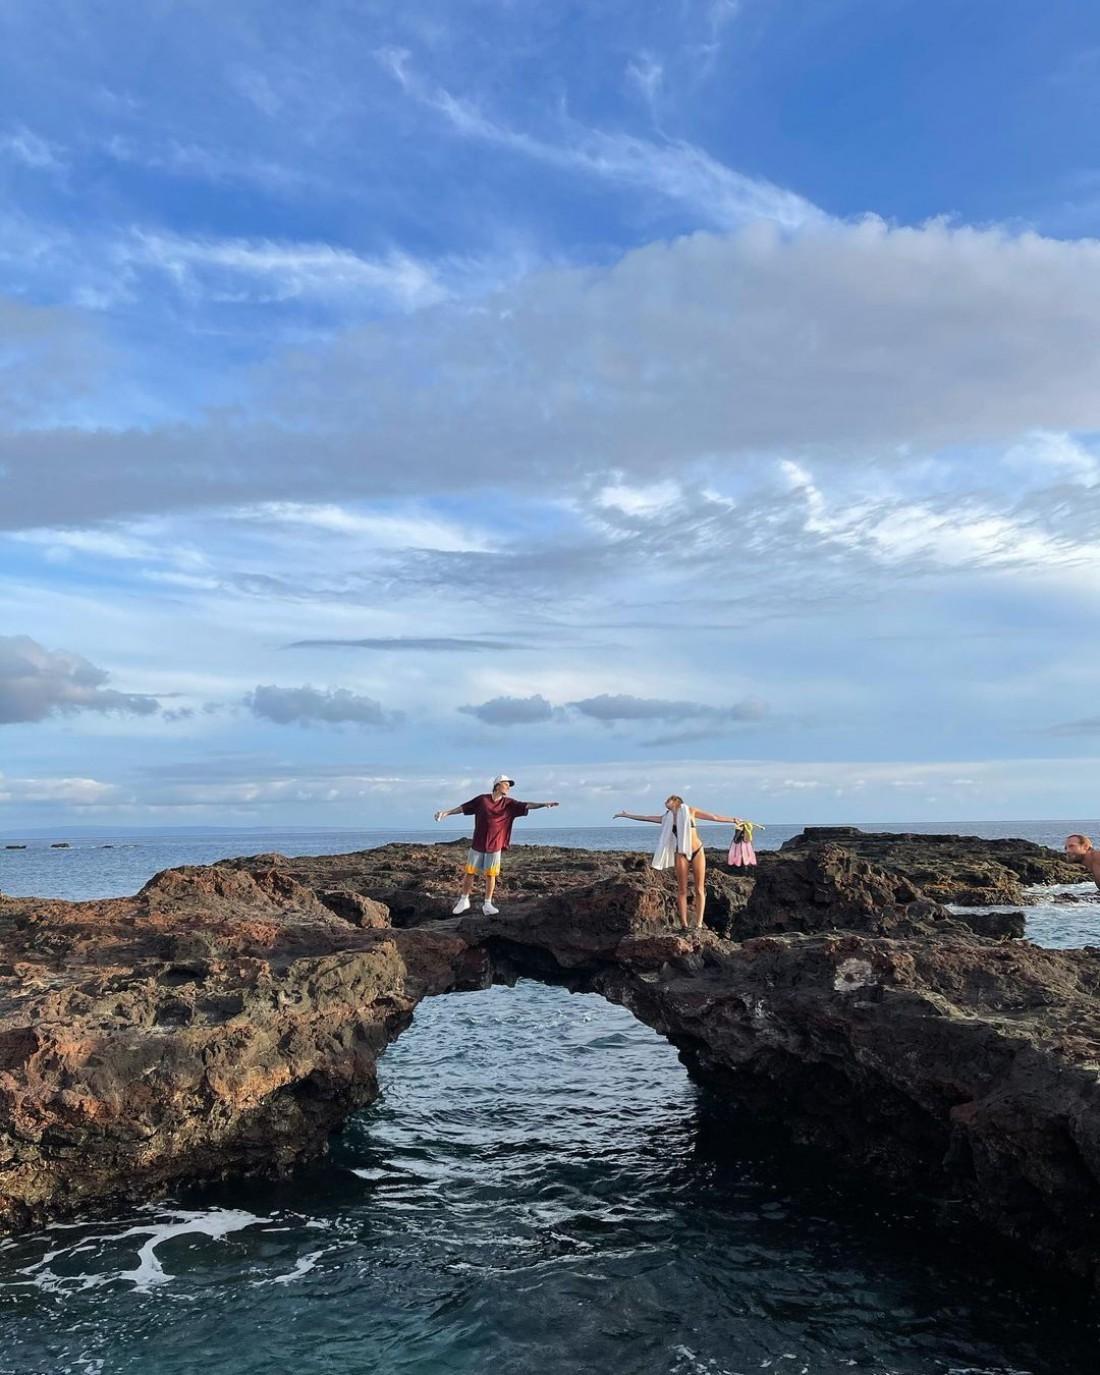 Джастин и Хейли Бибер похвастались отдыхом на пляже на Гавайях